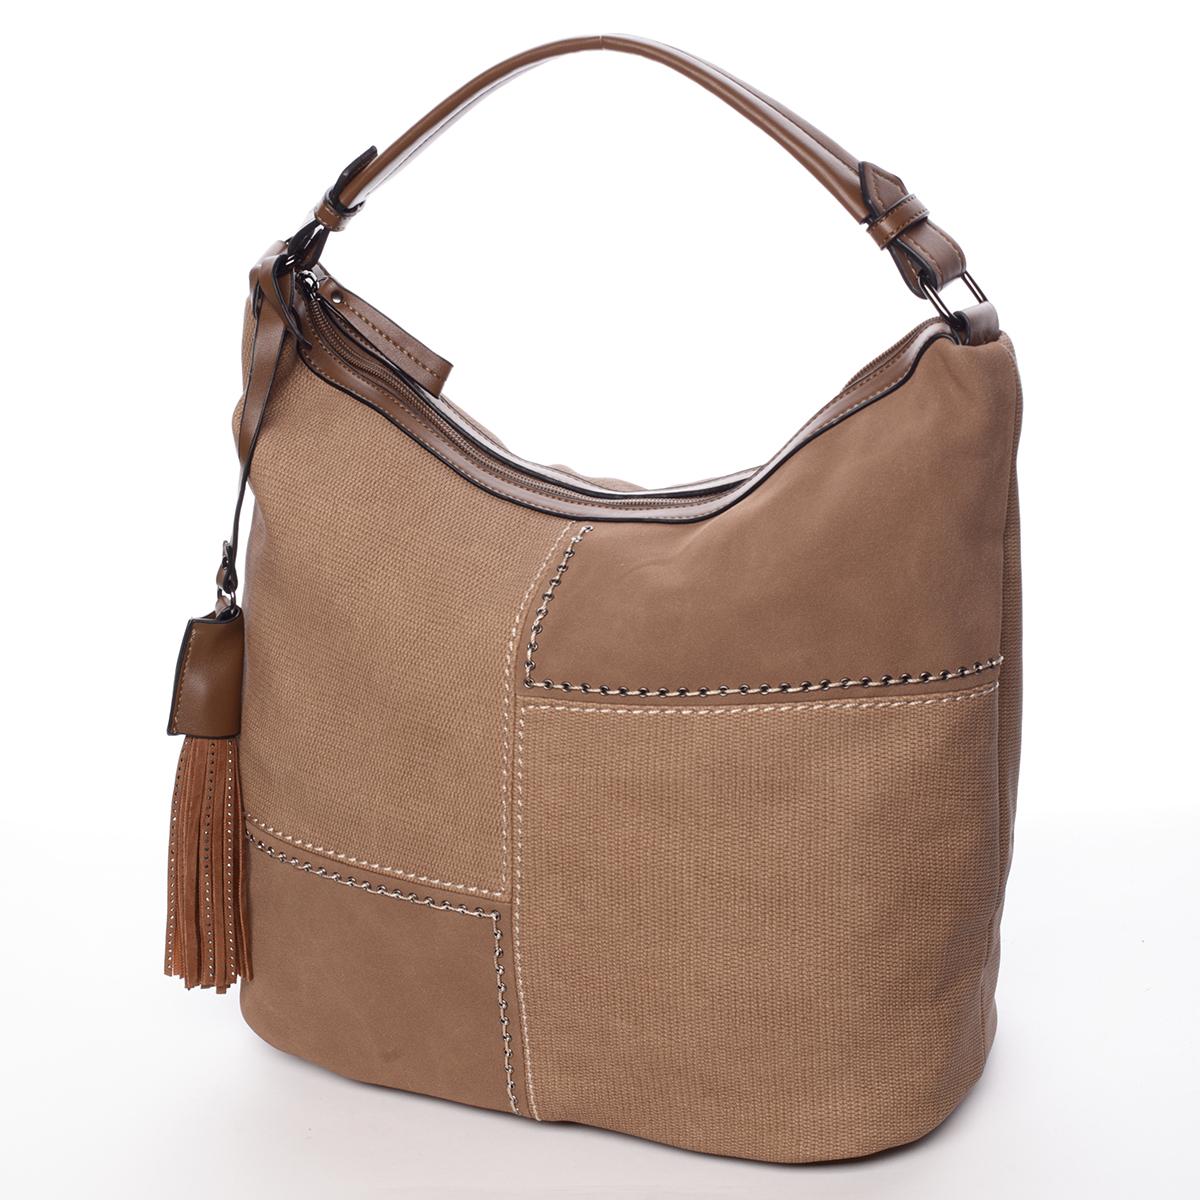 Moderní dámská kabelka světle hnědá - MARIA C Aliza hnědá